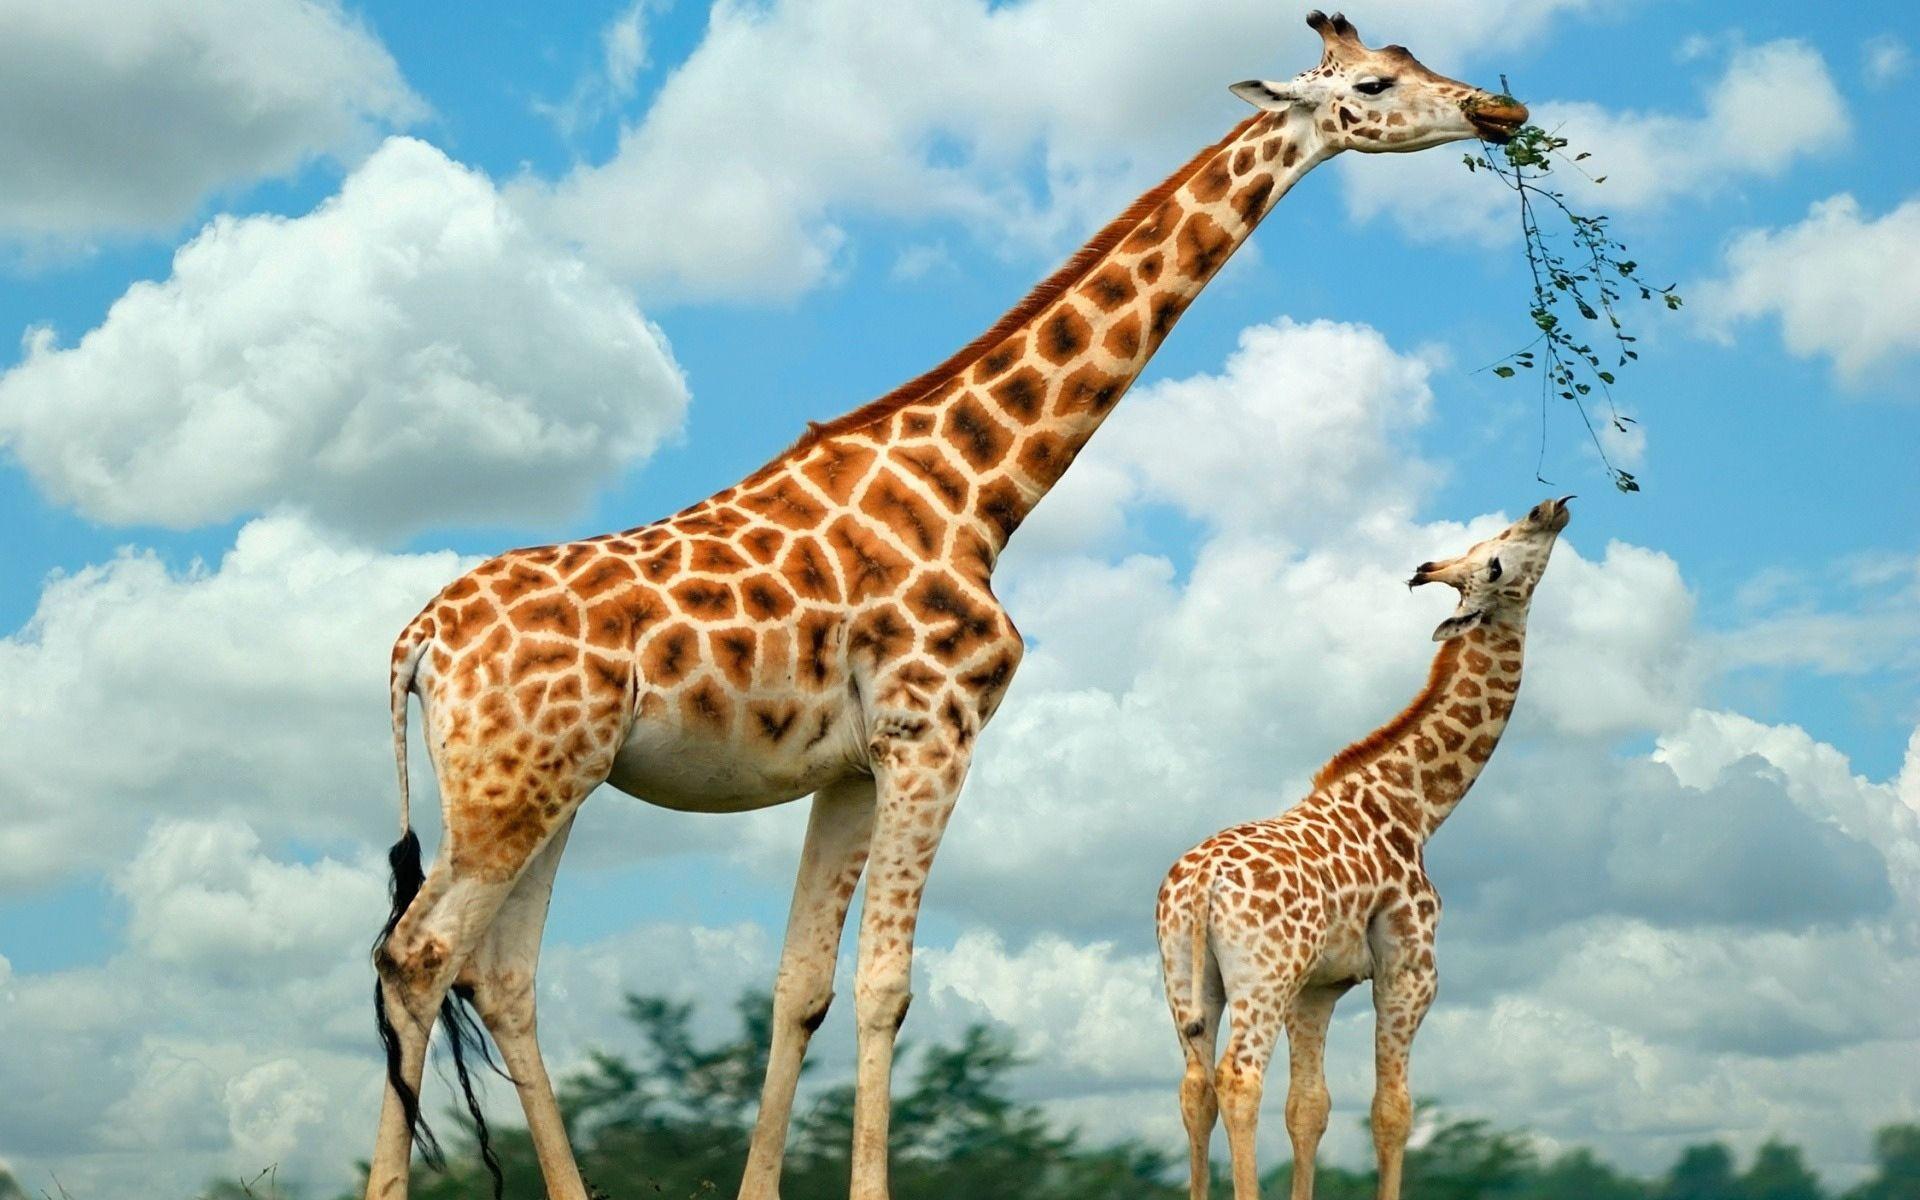 111128 Hintergrundbild herunterladen Tiere, Natur, Lebensmittel, Bummel, Spaziergang, Giraffe - Bildschirmschoner und Bilder kostenlos